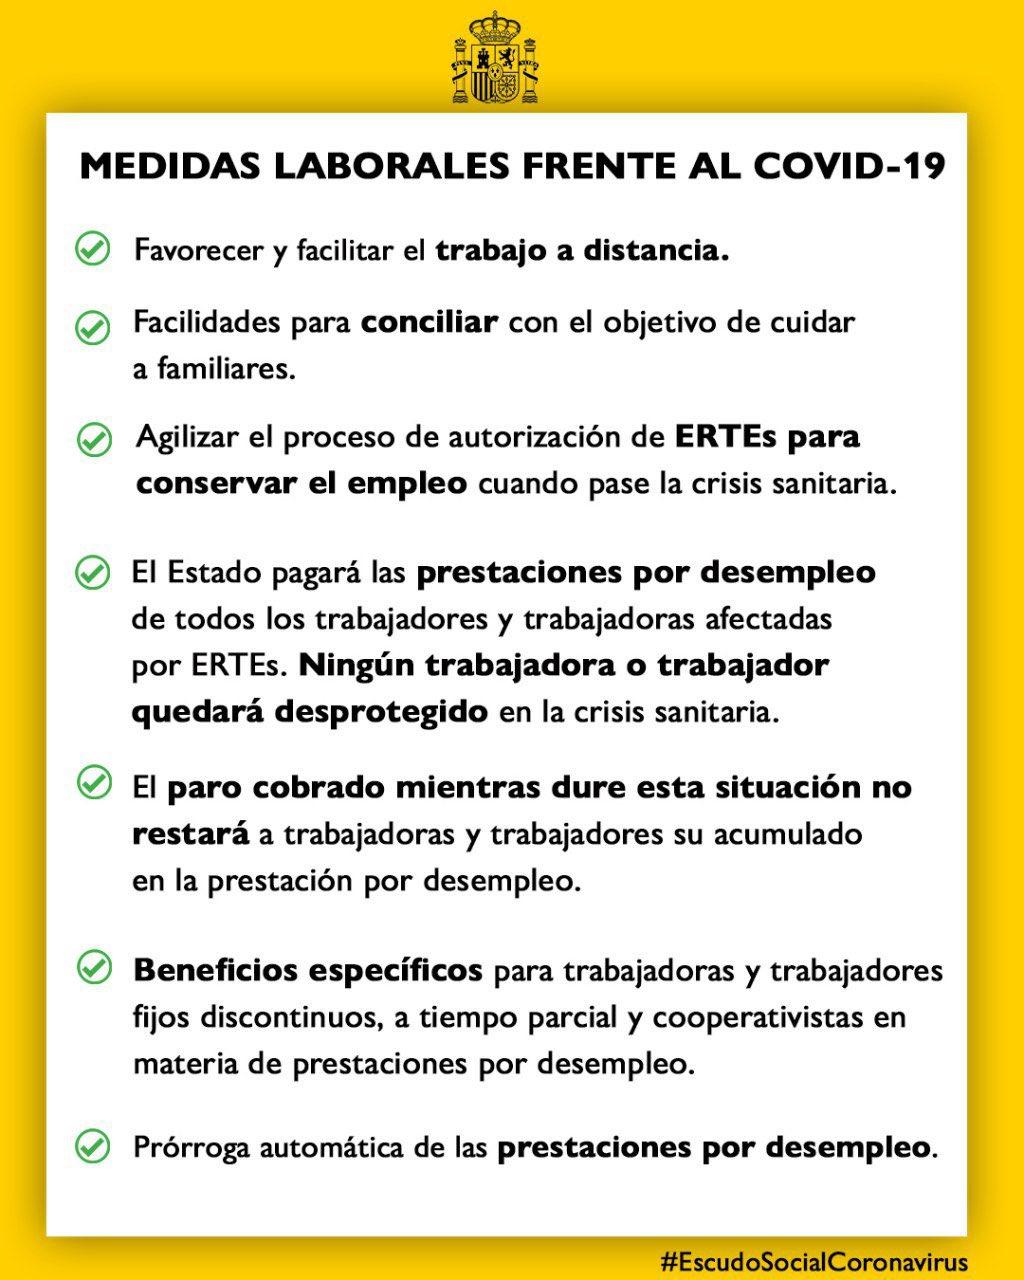 El Gobierno moviliza 18.225 millones contra el coronavirus con créditos, moratoria fiscal y ayudas